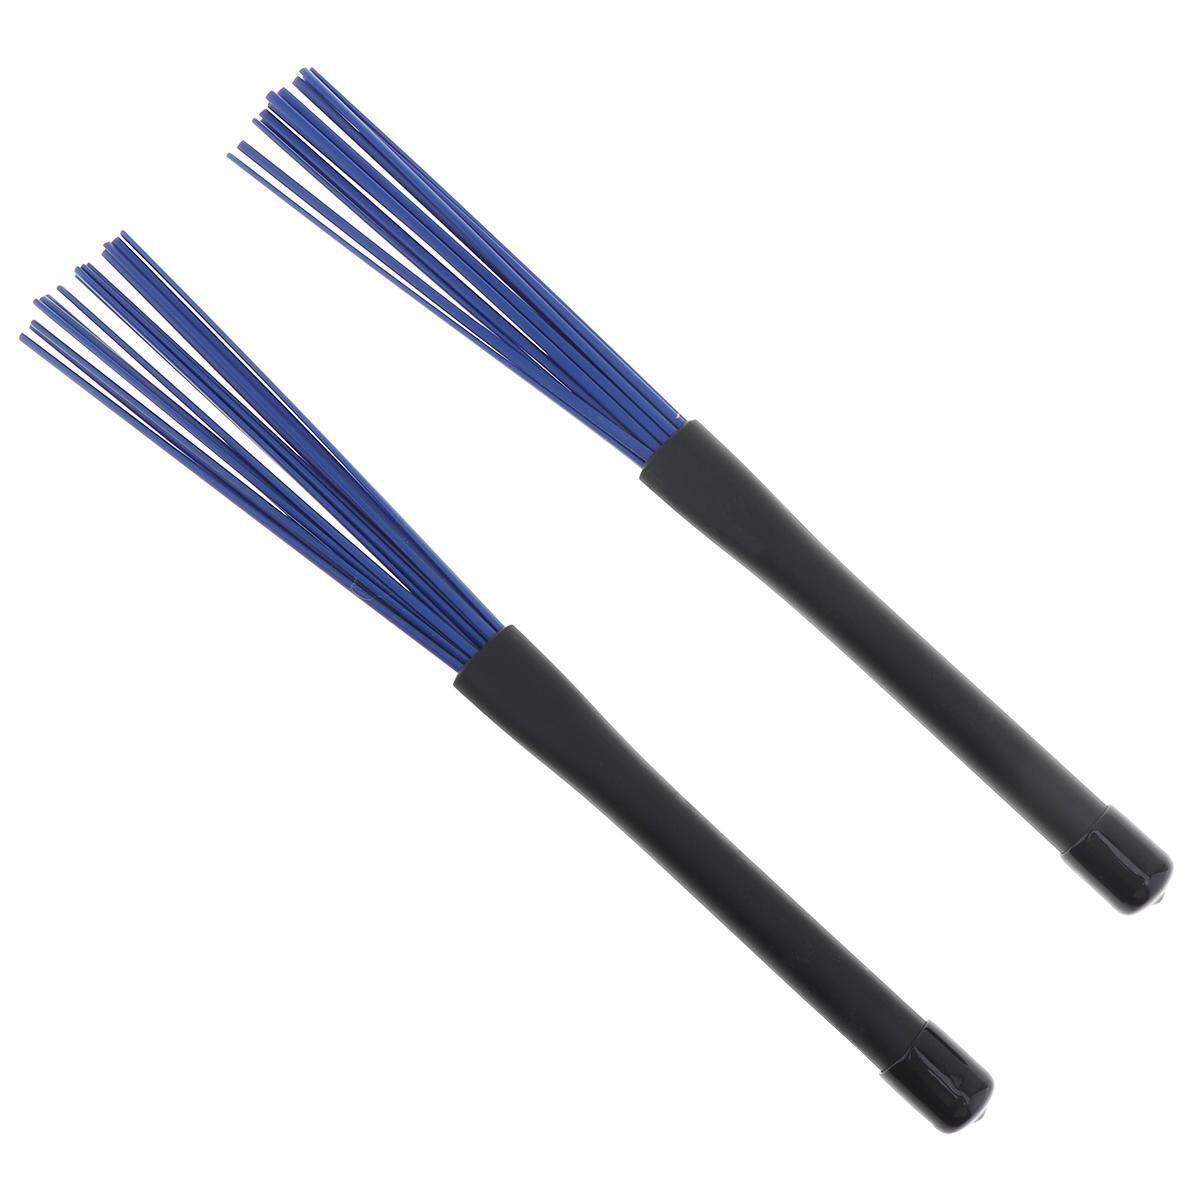 2ชิ้นหดสีดำด้ามแปรงยางไม้กลองแจ๊สสีน้ำเงินผ้าไนลอน.